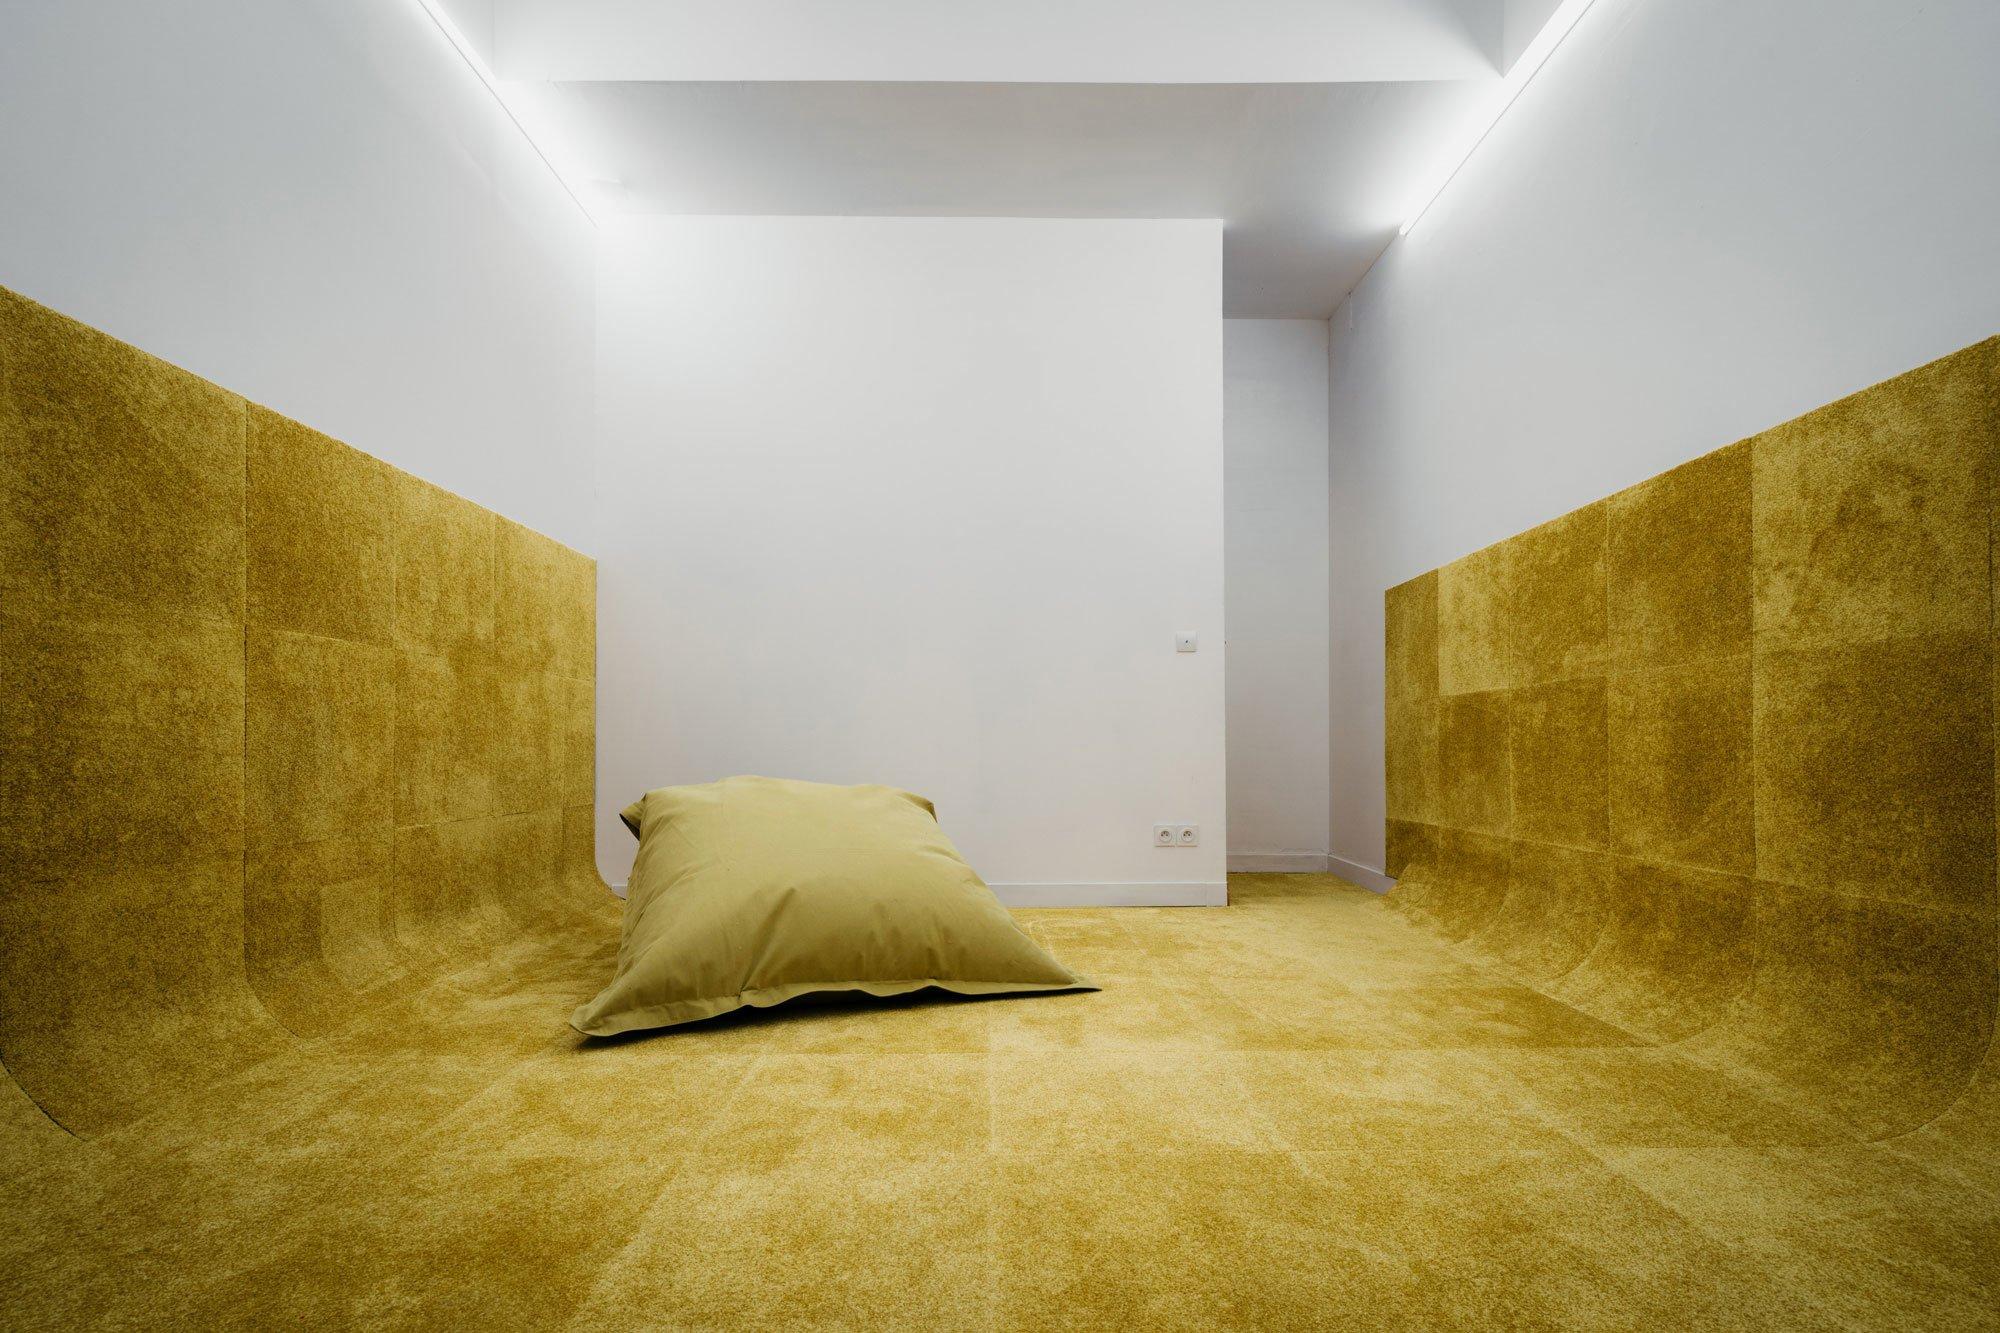 Ein Zimmer der Wohnung ist fast vollständig mit dem Teppichboden Ultrasoft Jaune von dem französischen Hersteller Balsan ausgelegt, der sogar einen großen Teil der Seitenwände bedeckt und Wärme und Geborgenheit suggerieren soll.